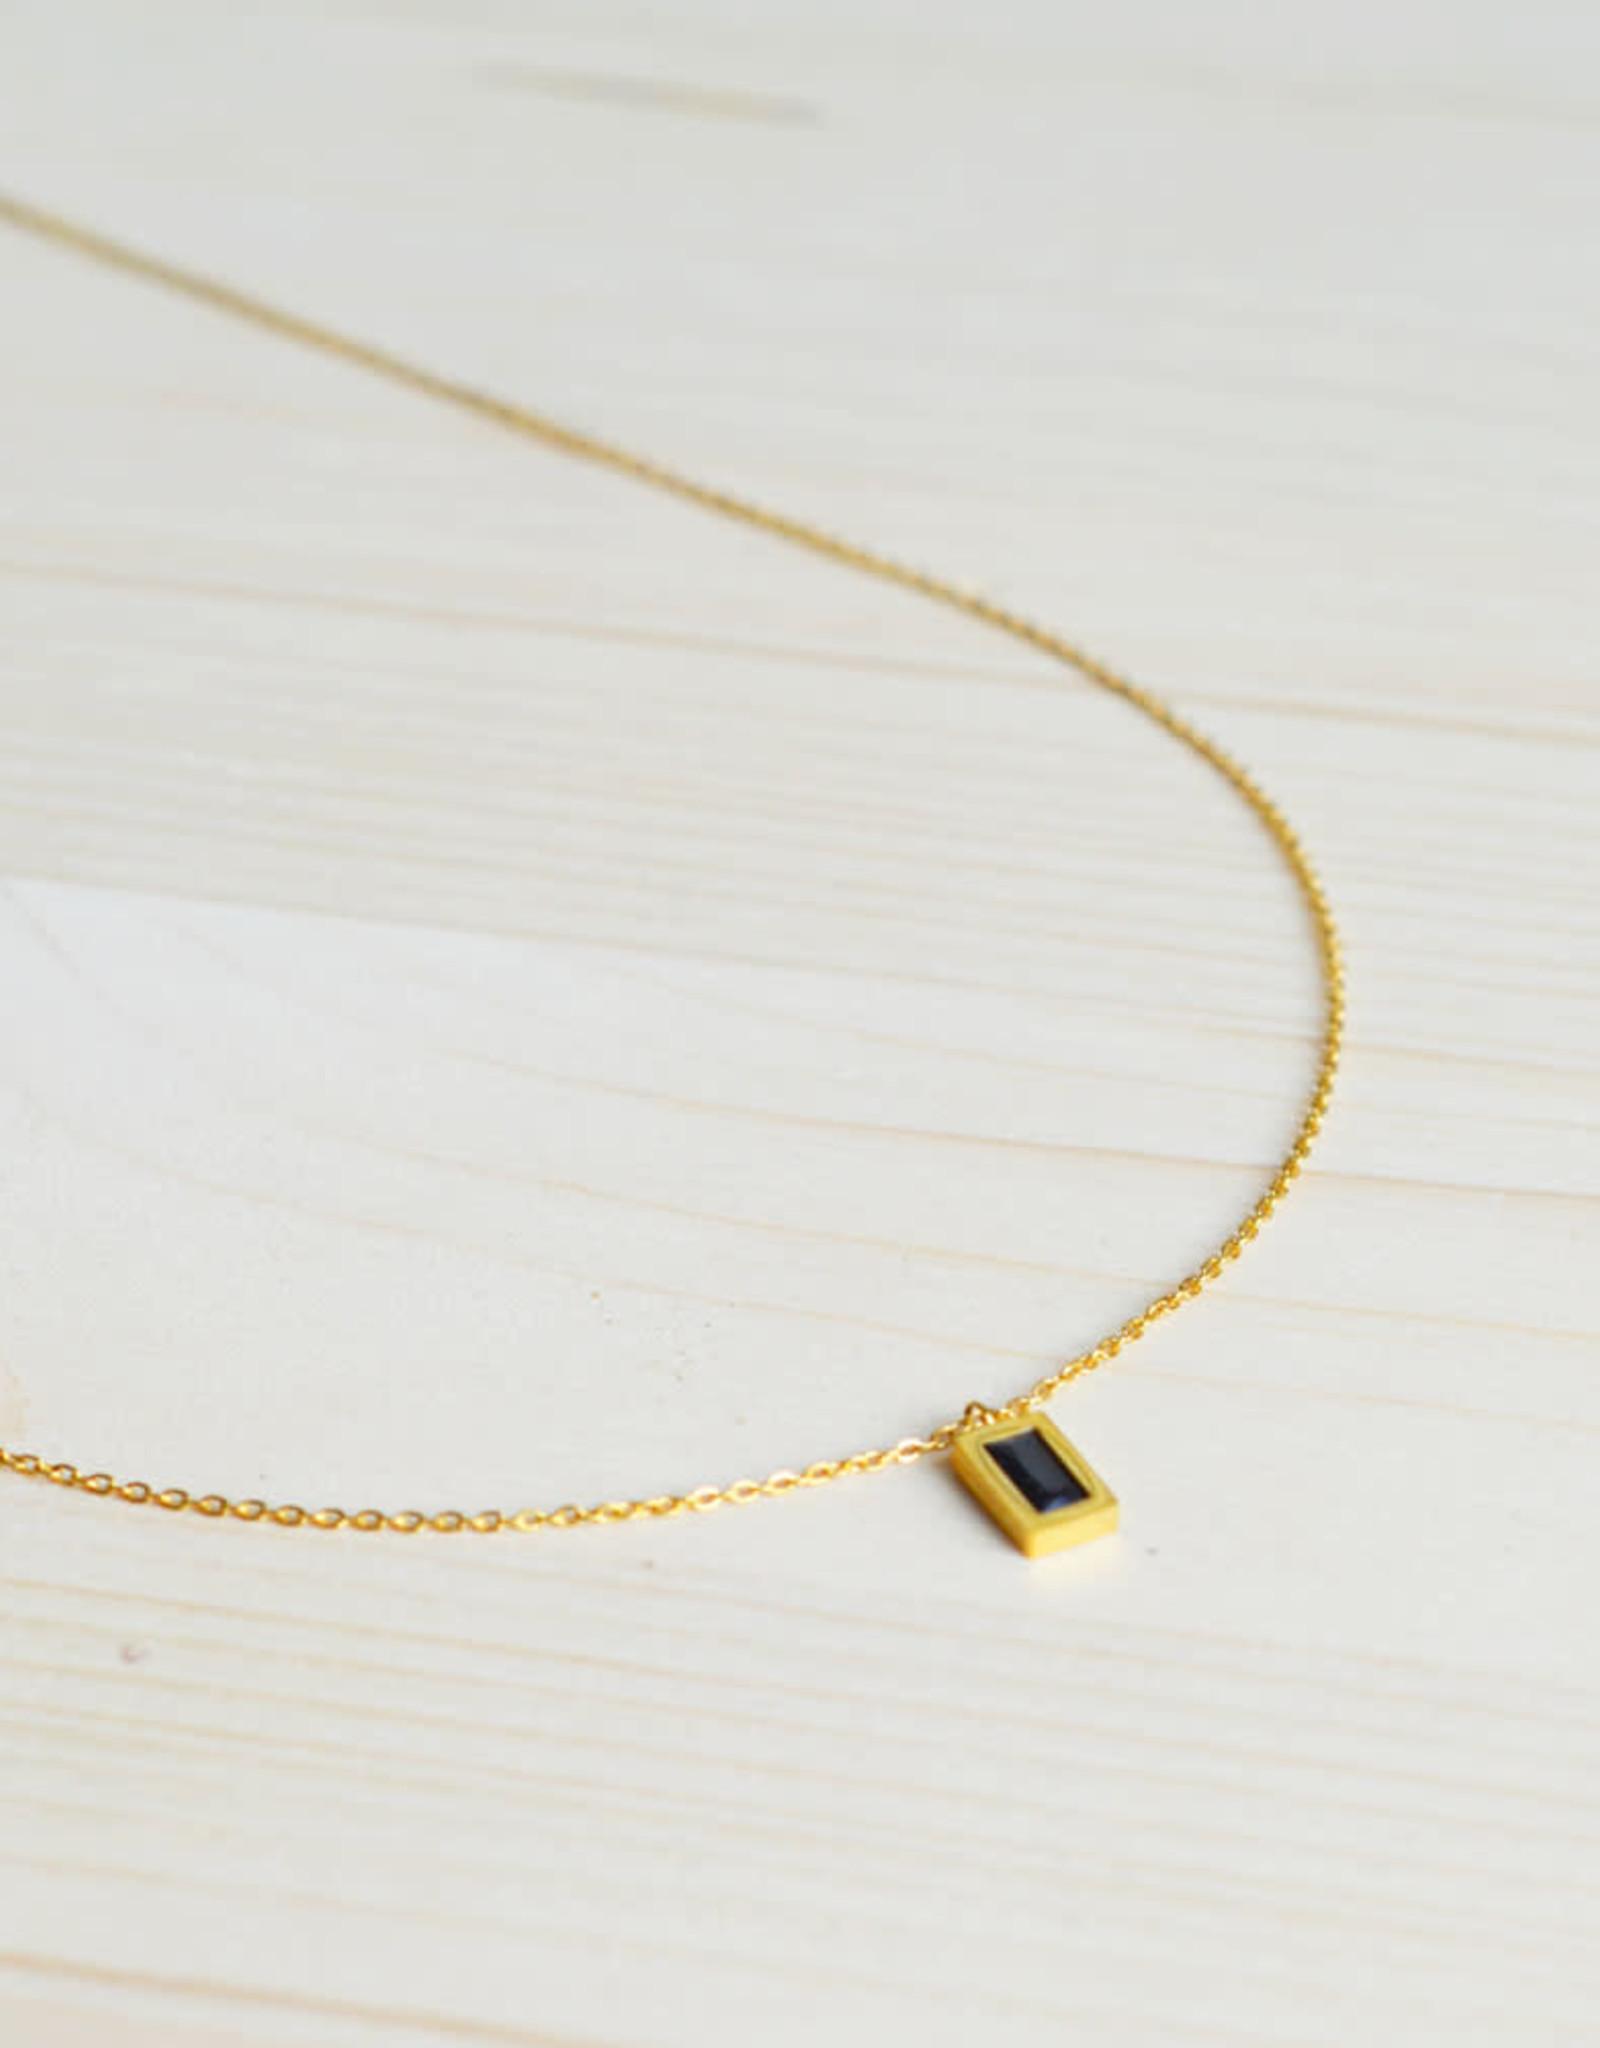 Spark black necklace